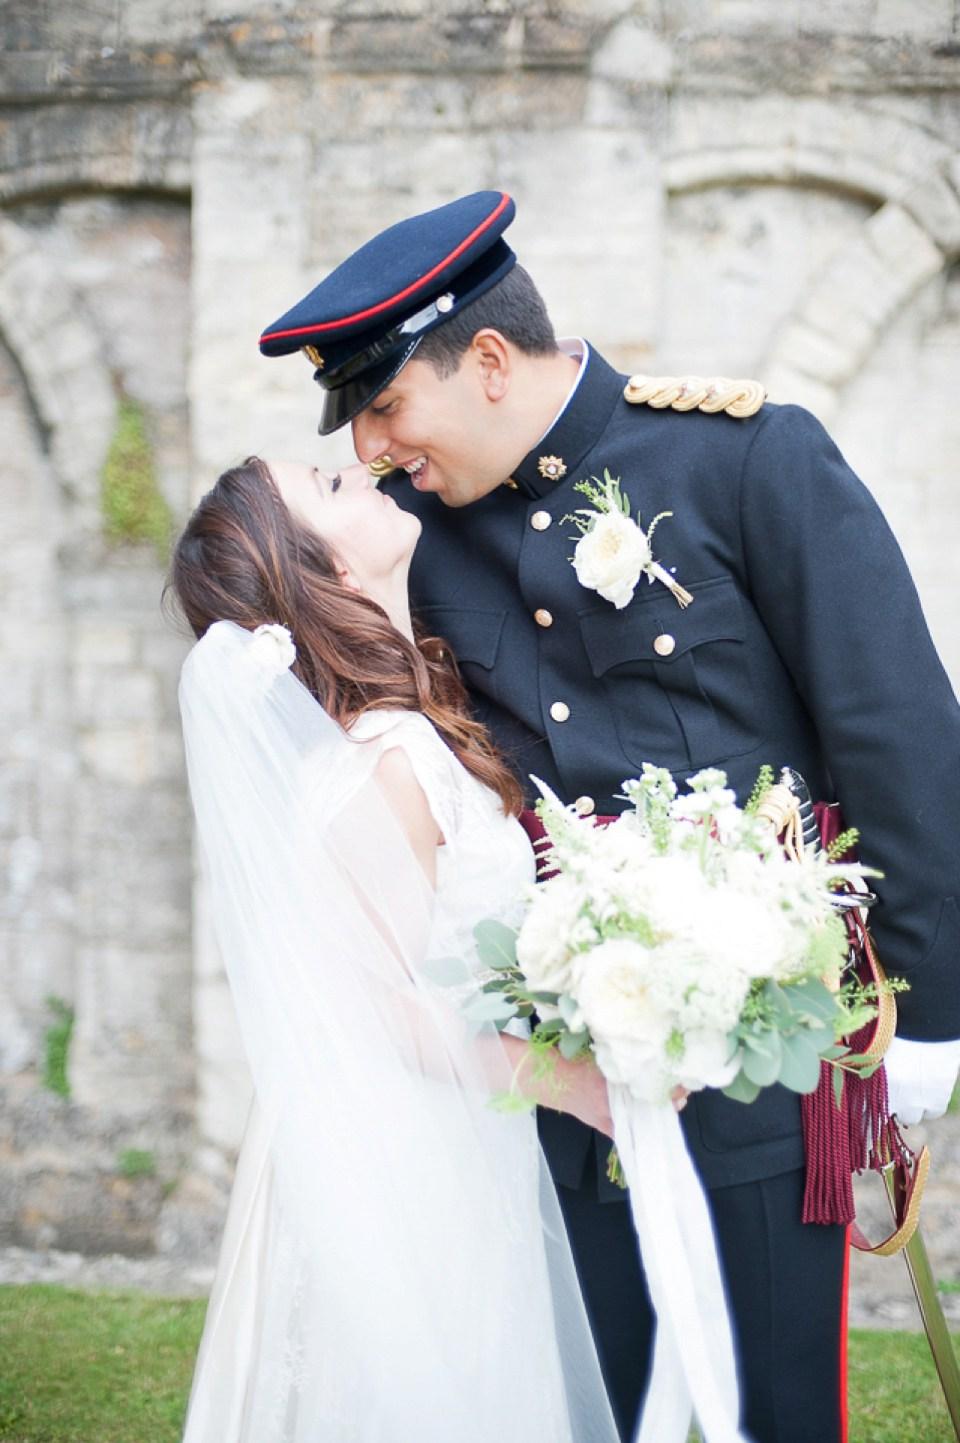 wpid396270-military-wedding-charlie-brear-28